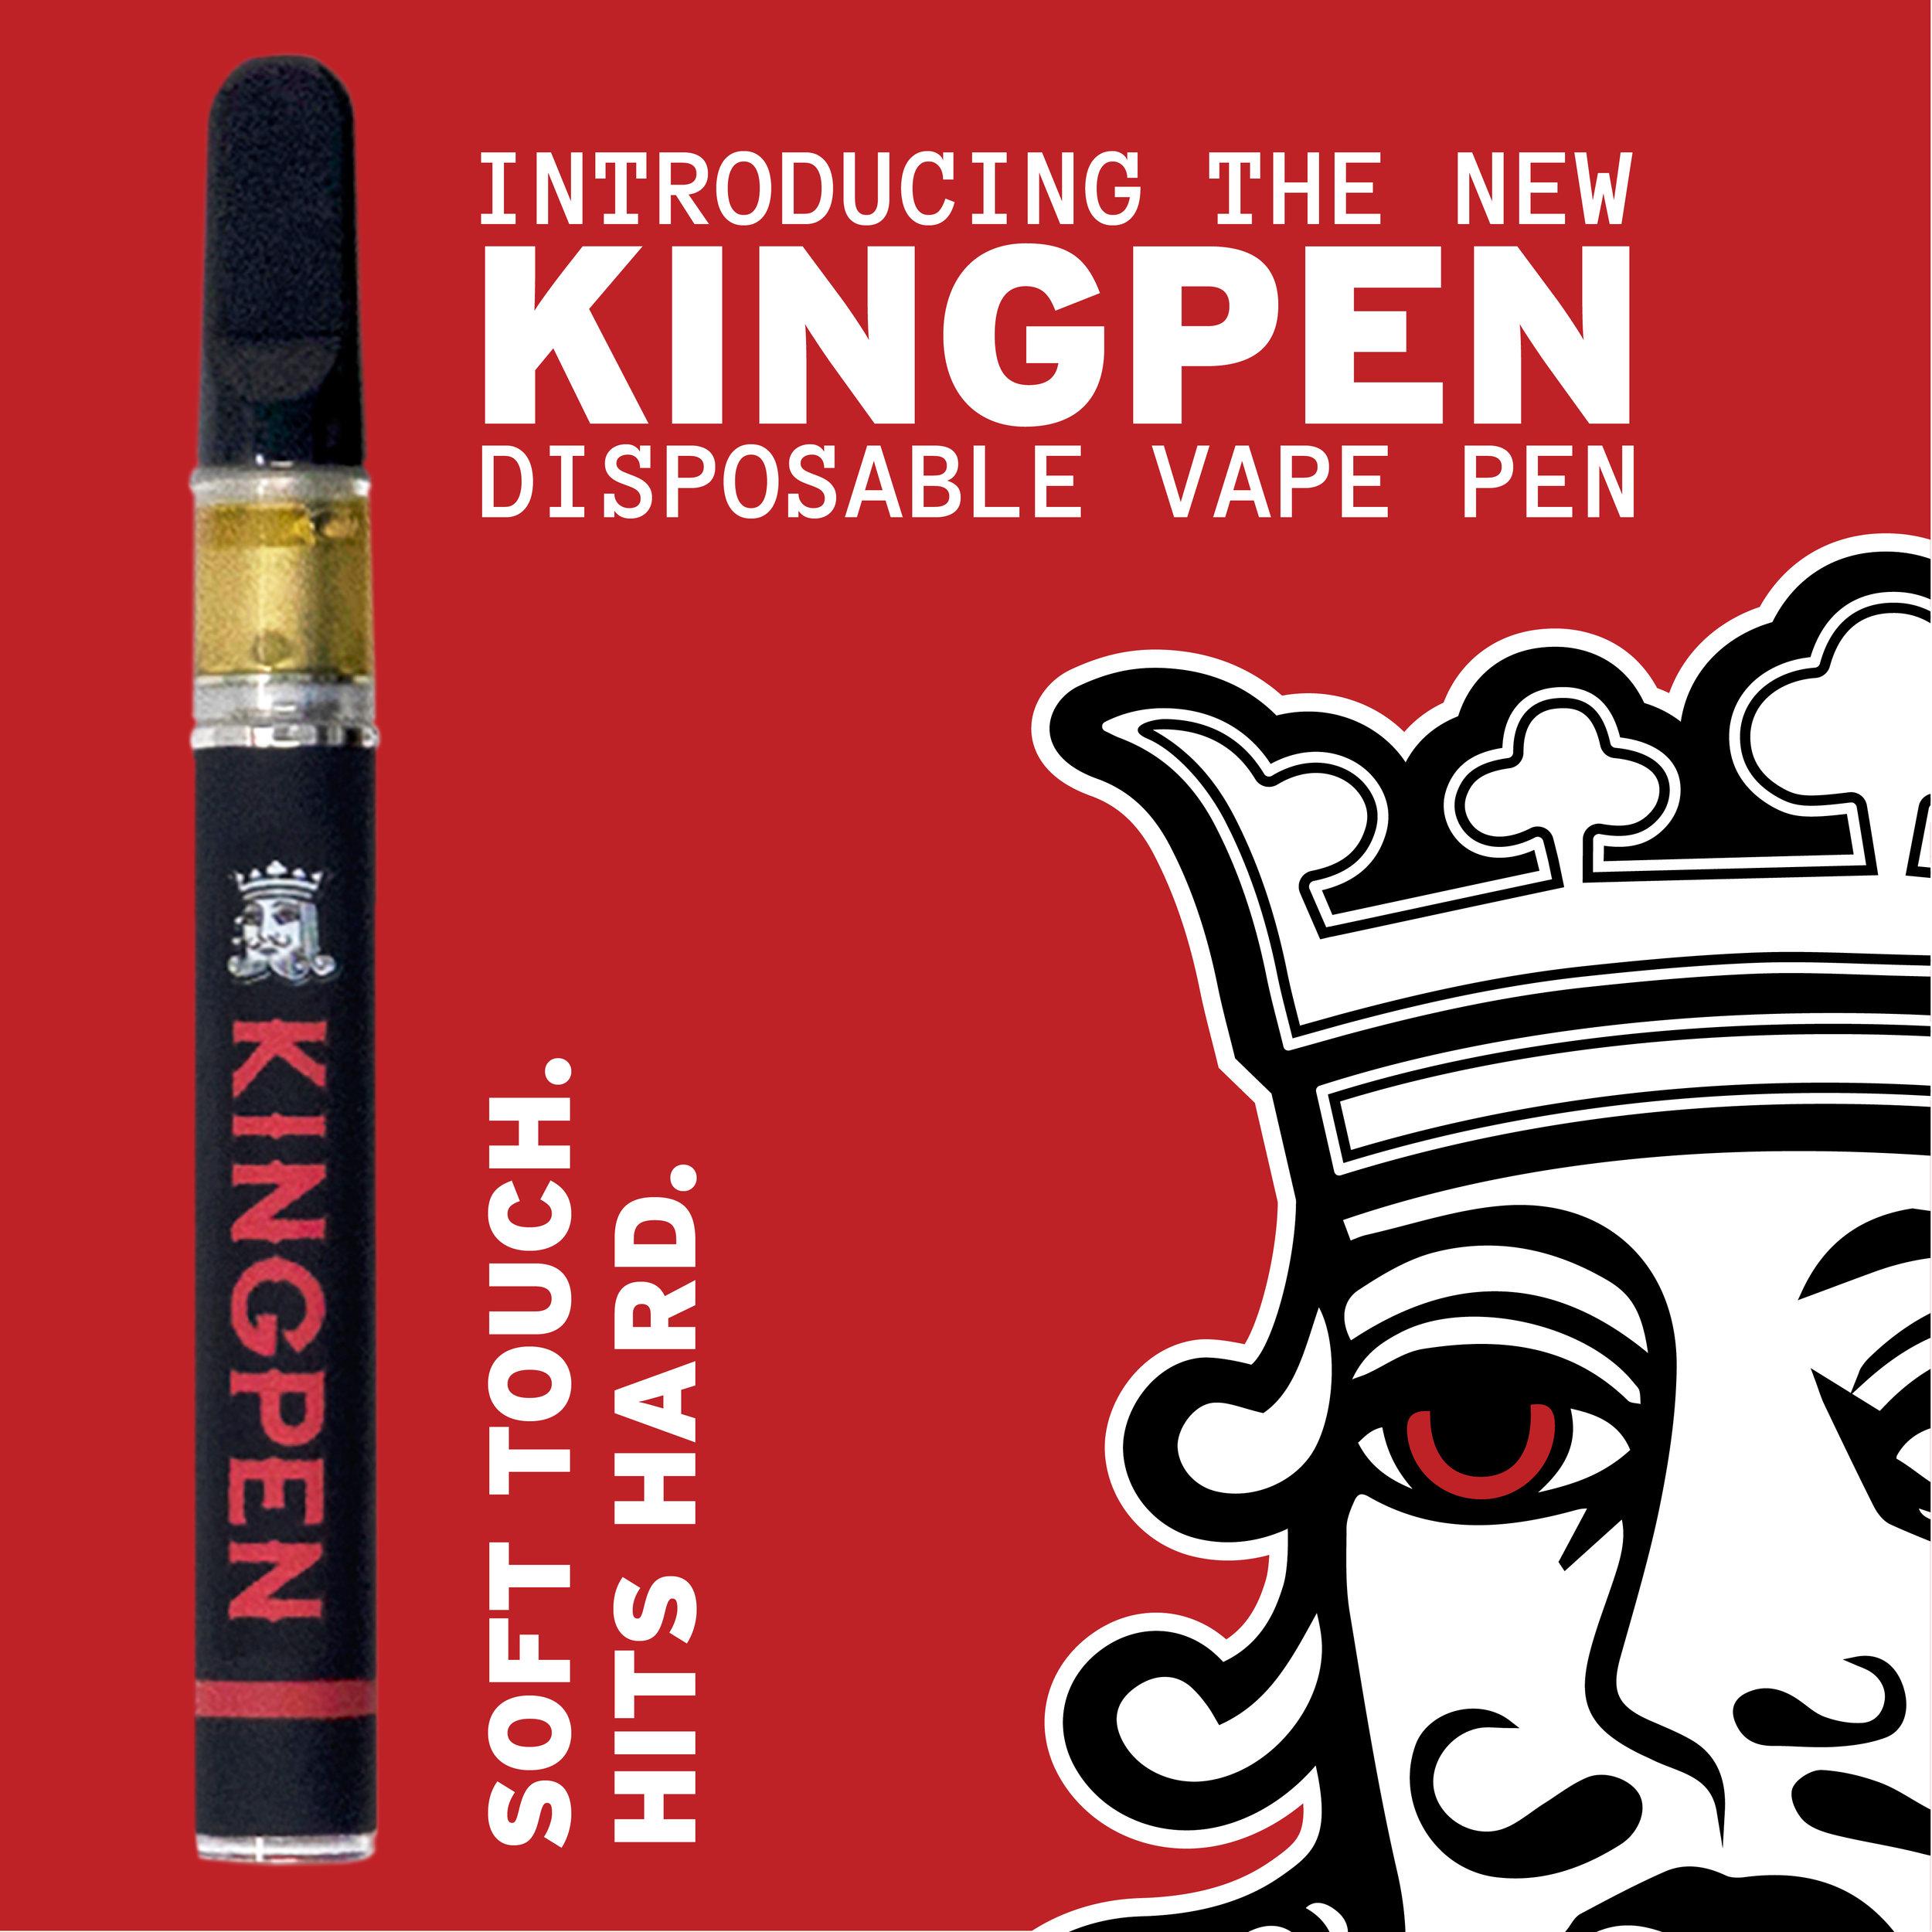 Disposable Vape Pen Announcement